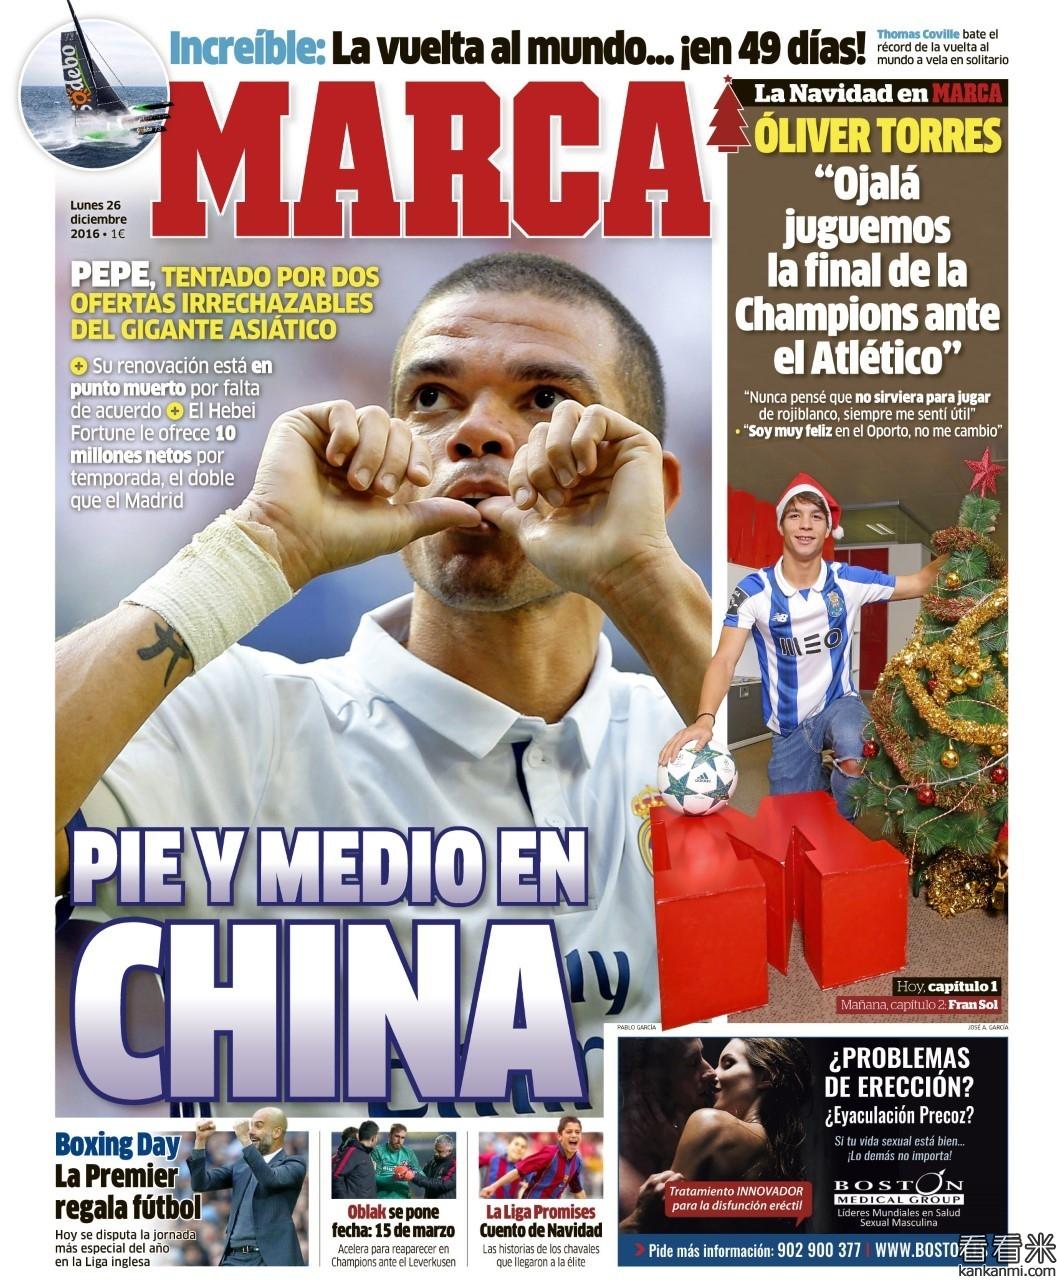 马卡报:佩佩收到了中国球队的报价